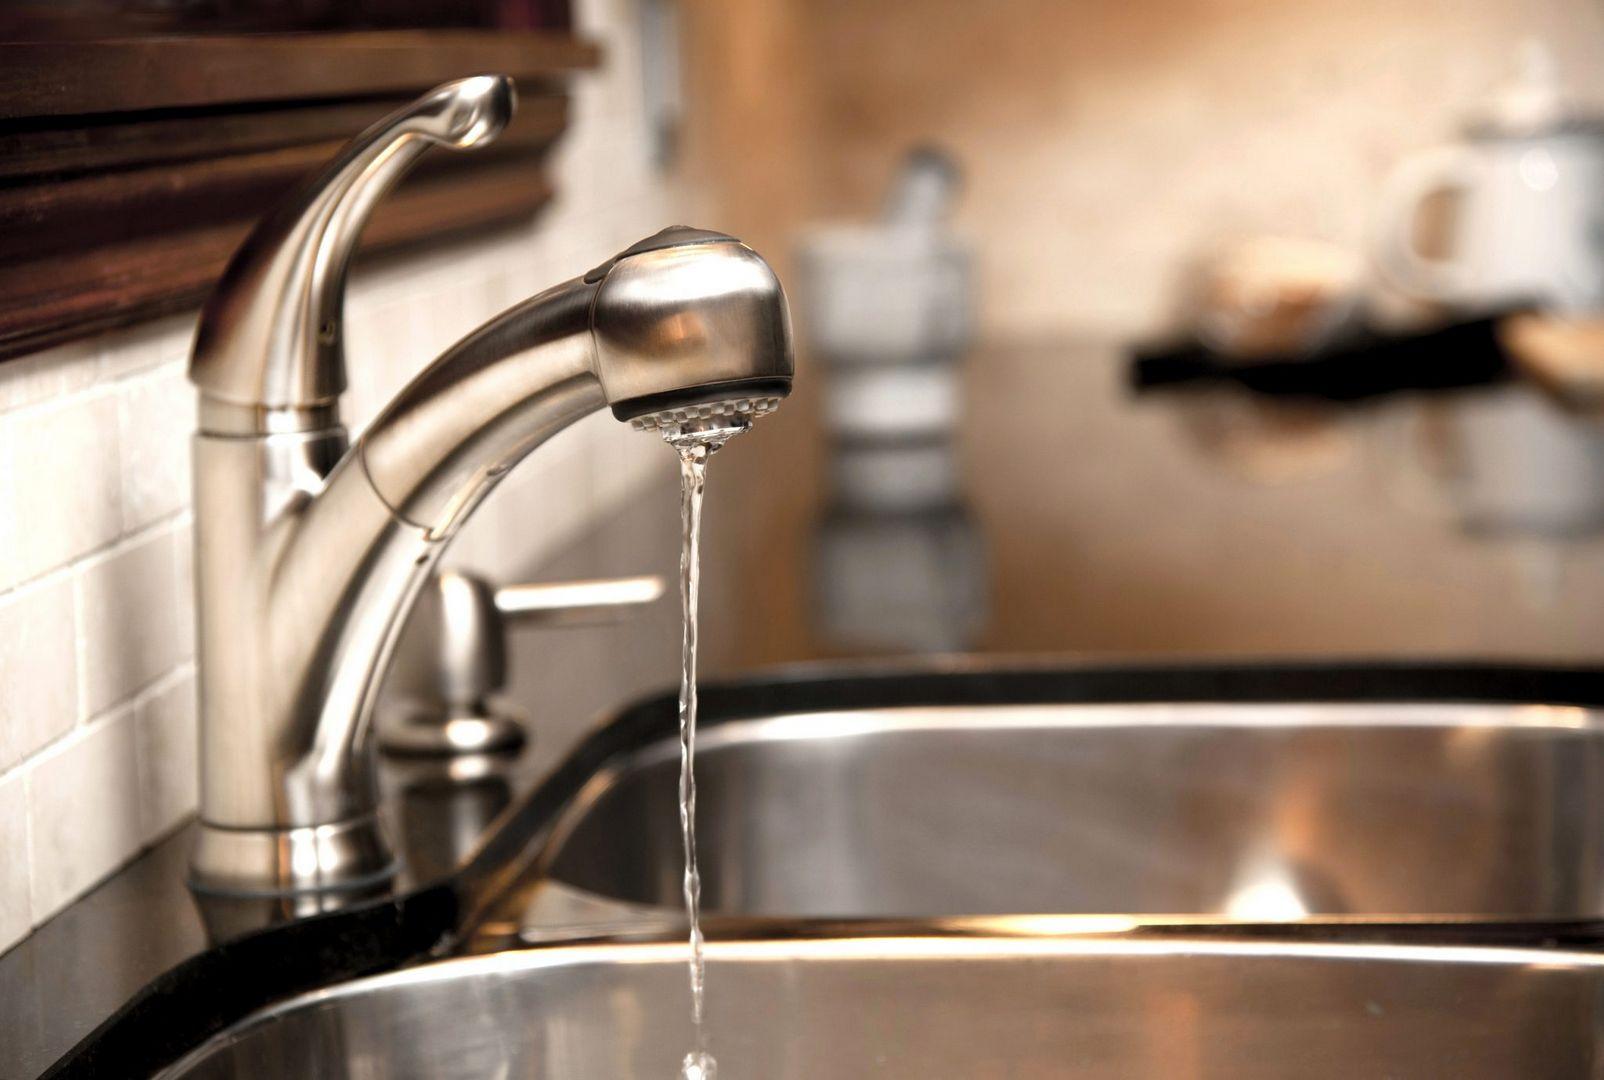 Горячая вода картинка